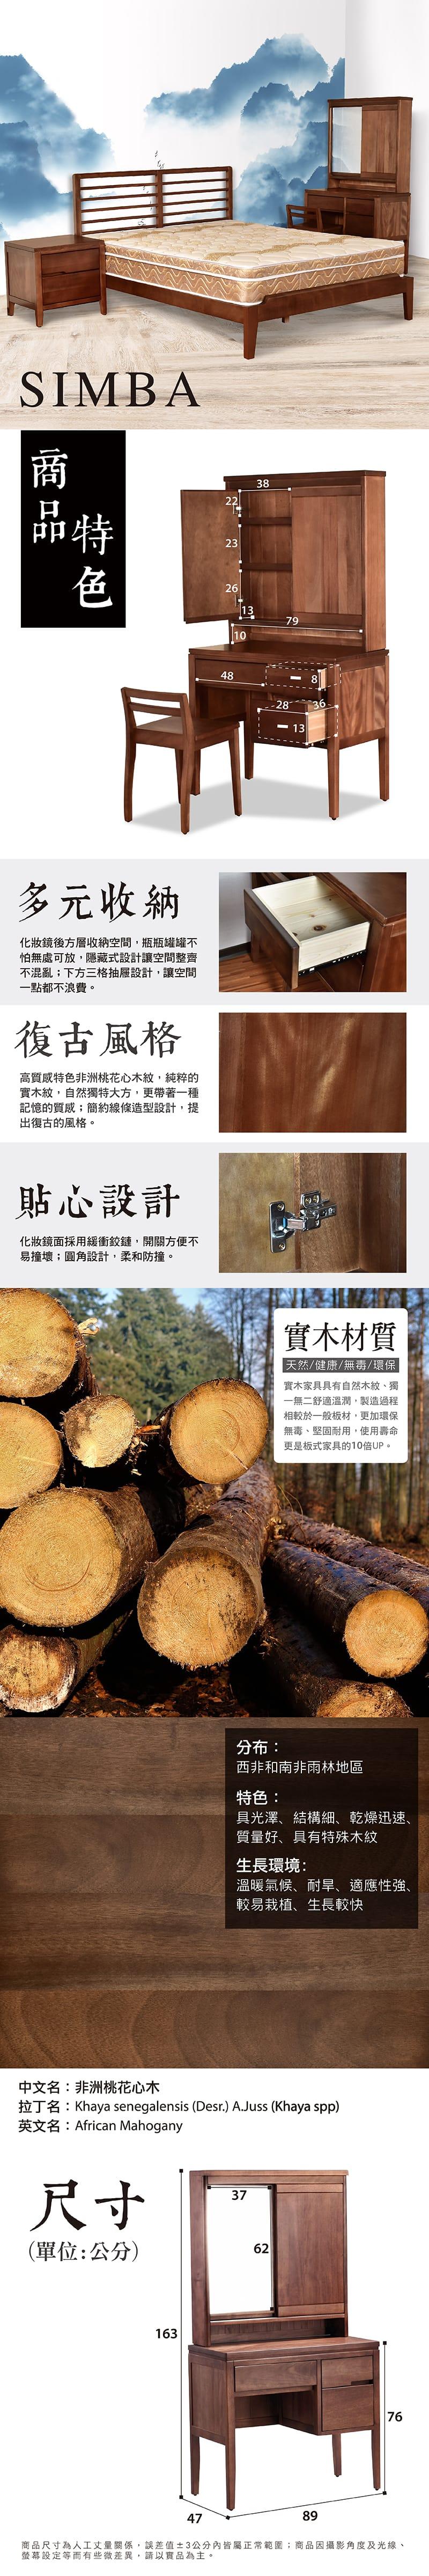 實木收納化妝台 寬89cm(單桌系列)【石橋】